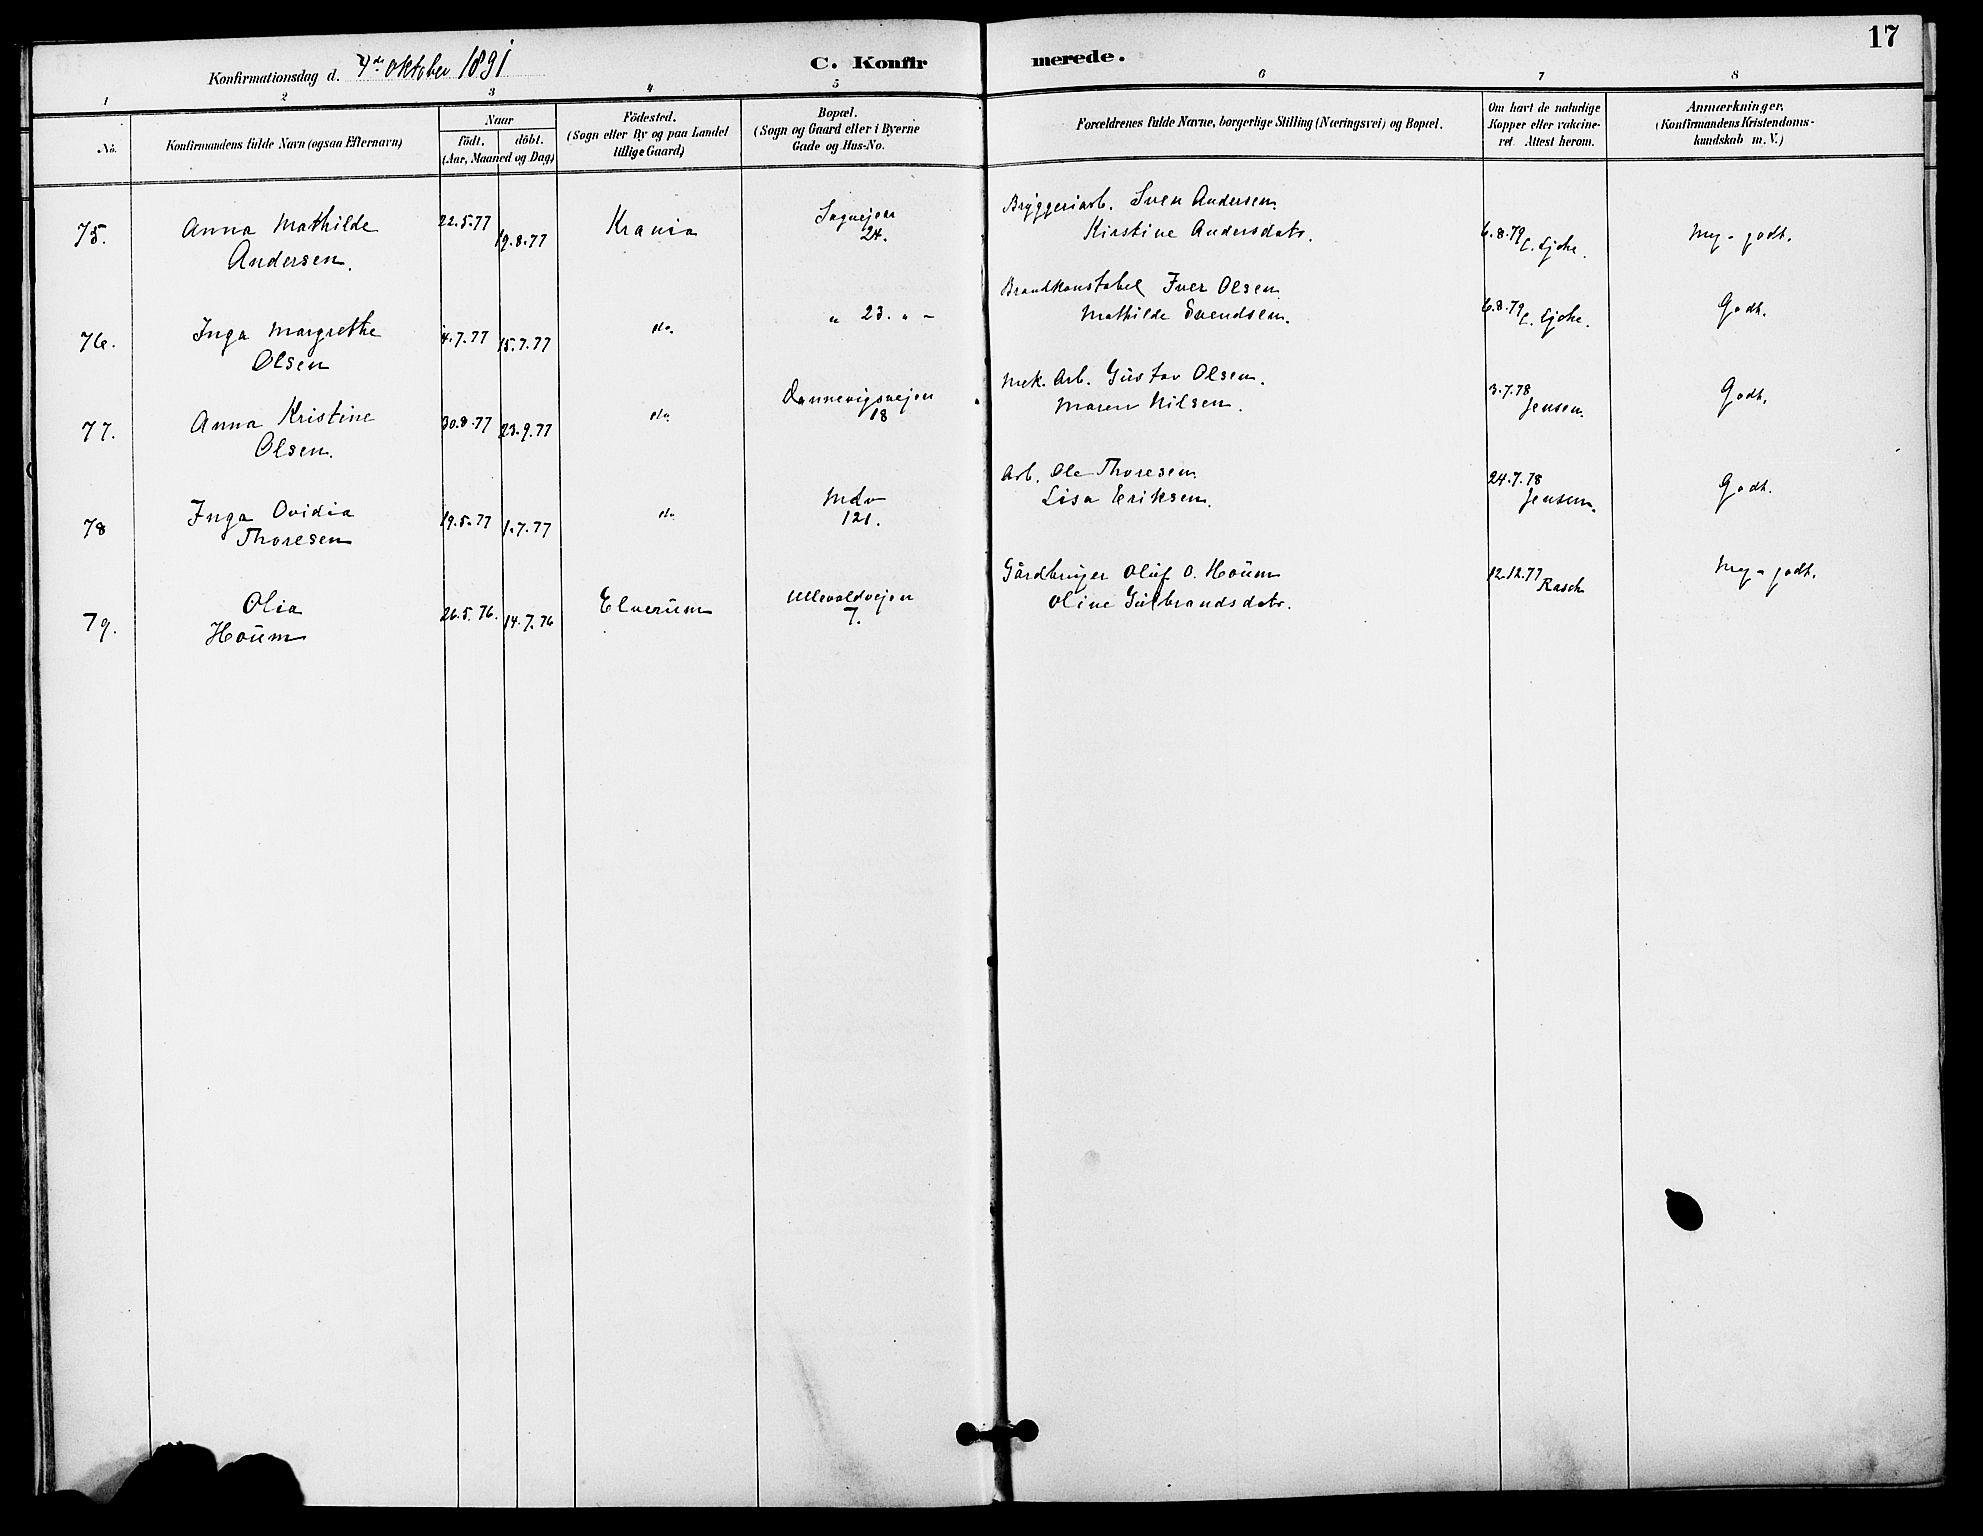 SAO, Gamle Aker prestekontor Kirkebøker, F/L0009: Ministerialbok nr. 9, 1890-1898, s. 17